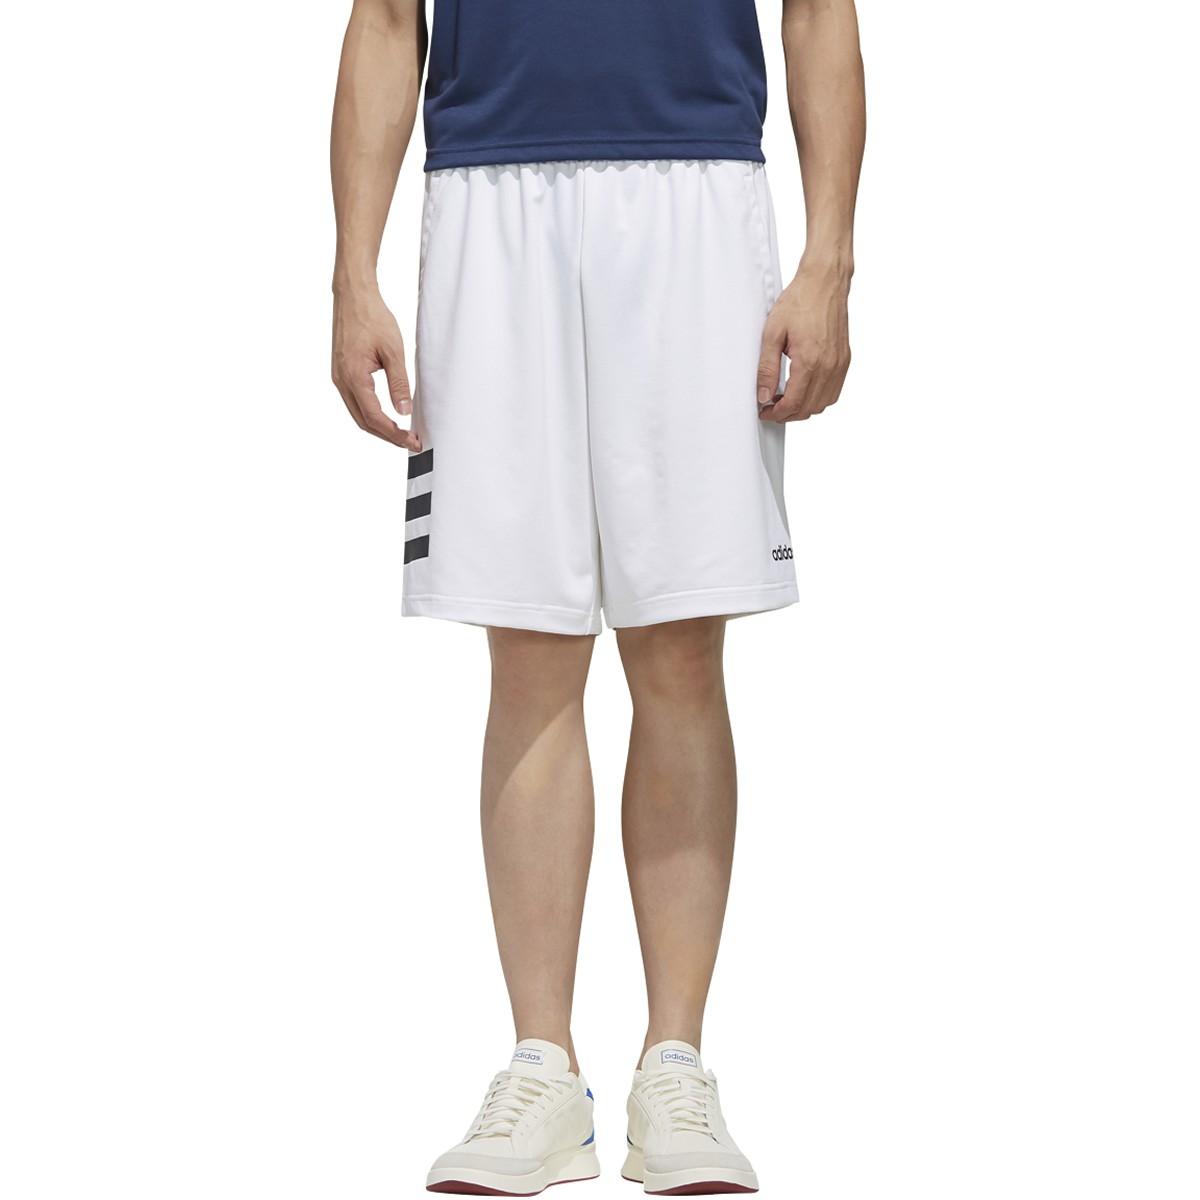 Adidas 3S Short Mens WH